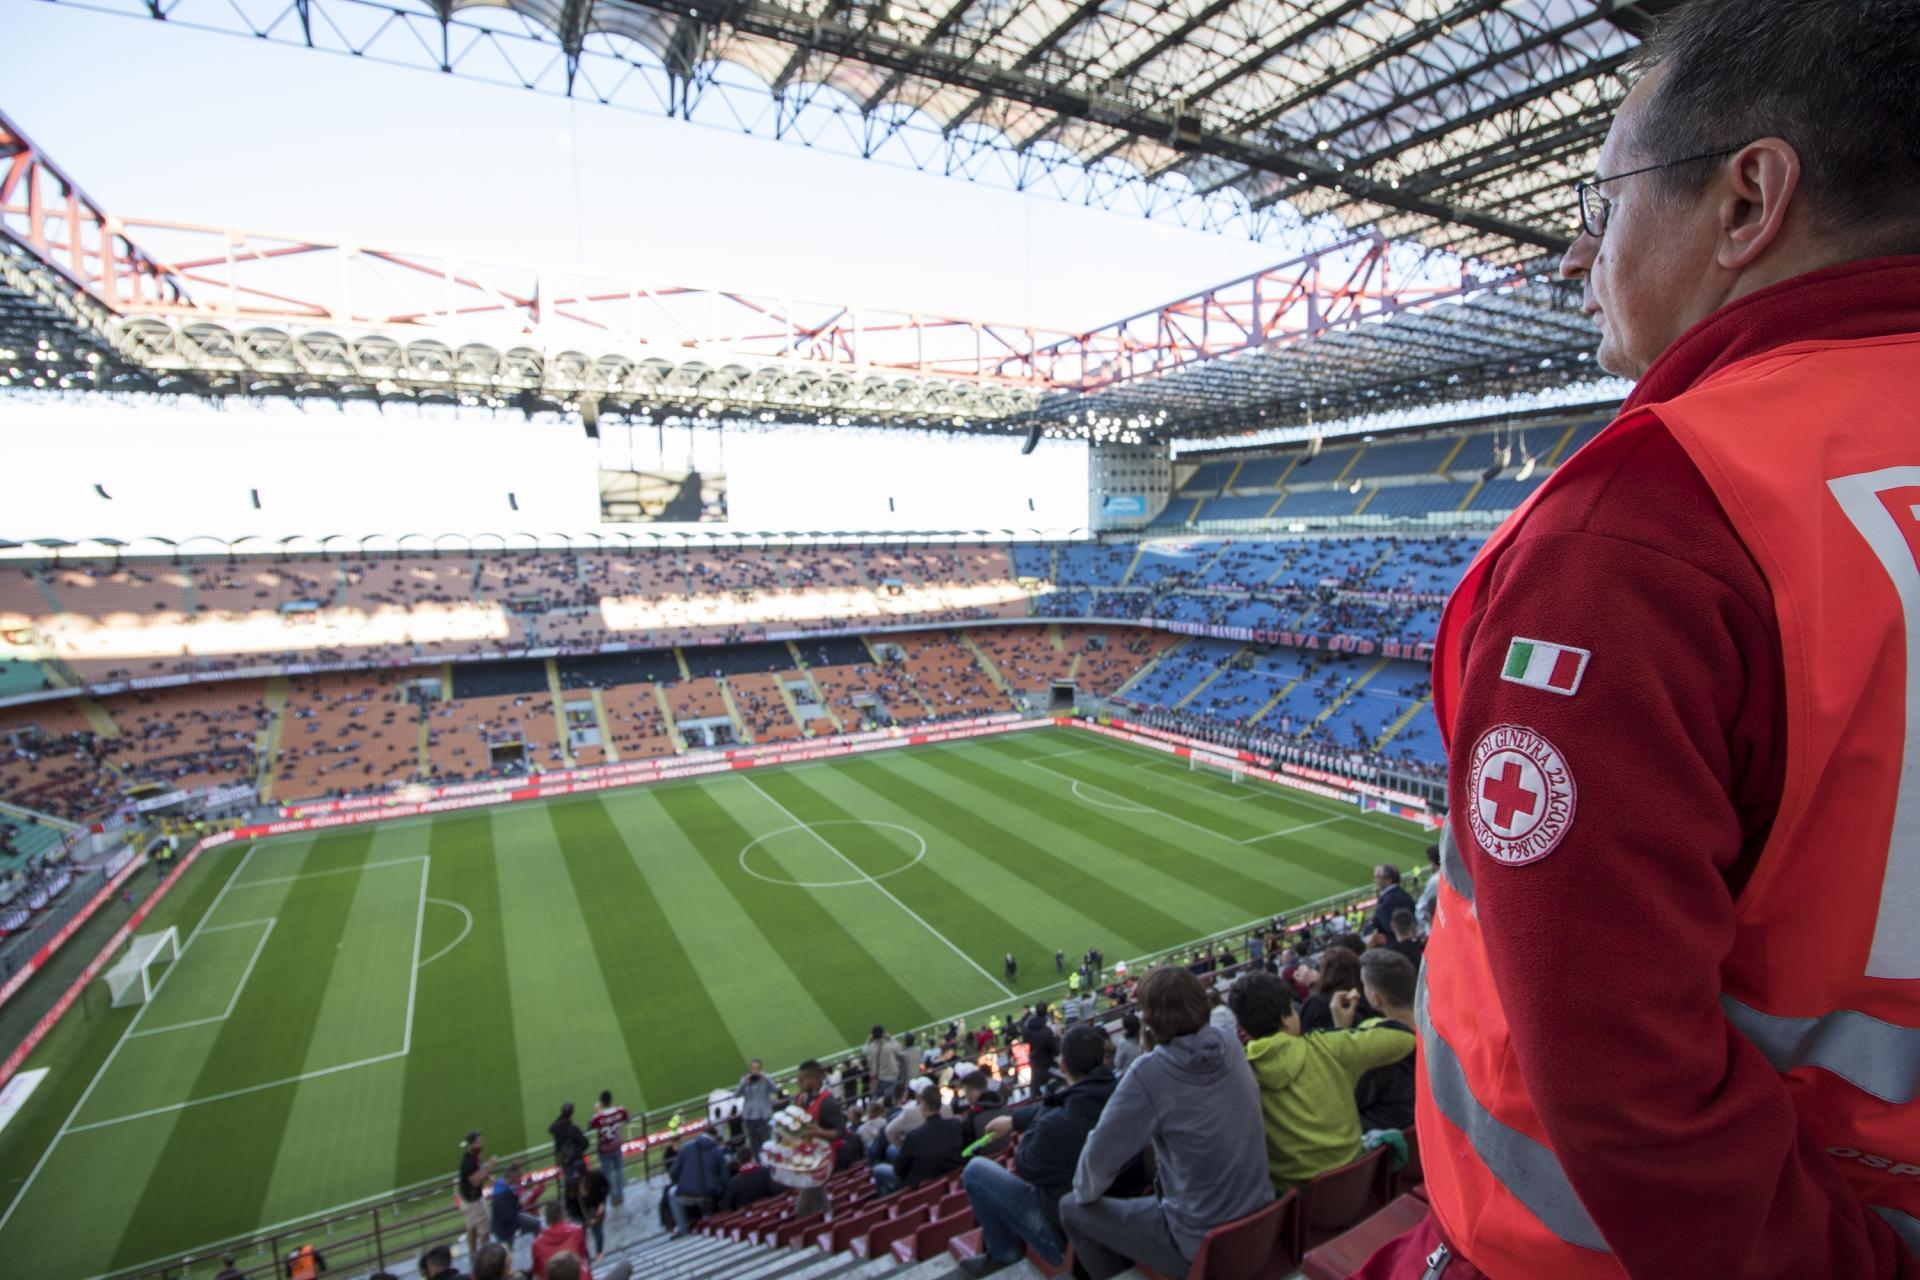 a9aed8b4d699 Croce Rossa Milano - Come funziona l'assistenza sanitaria allo ...